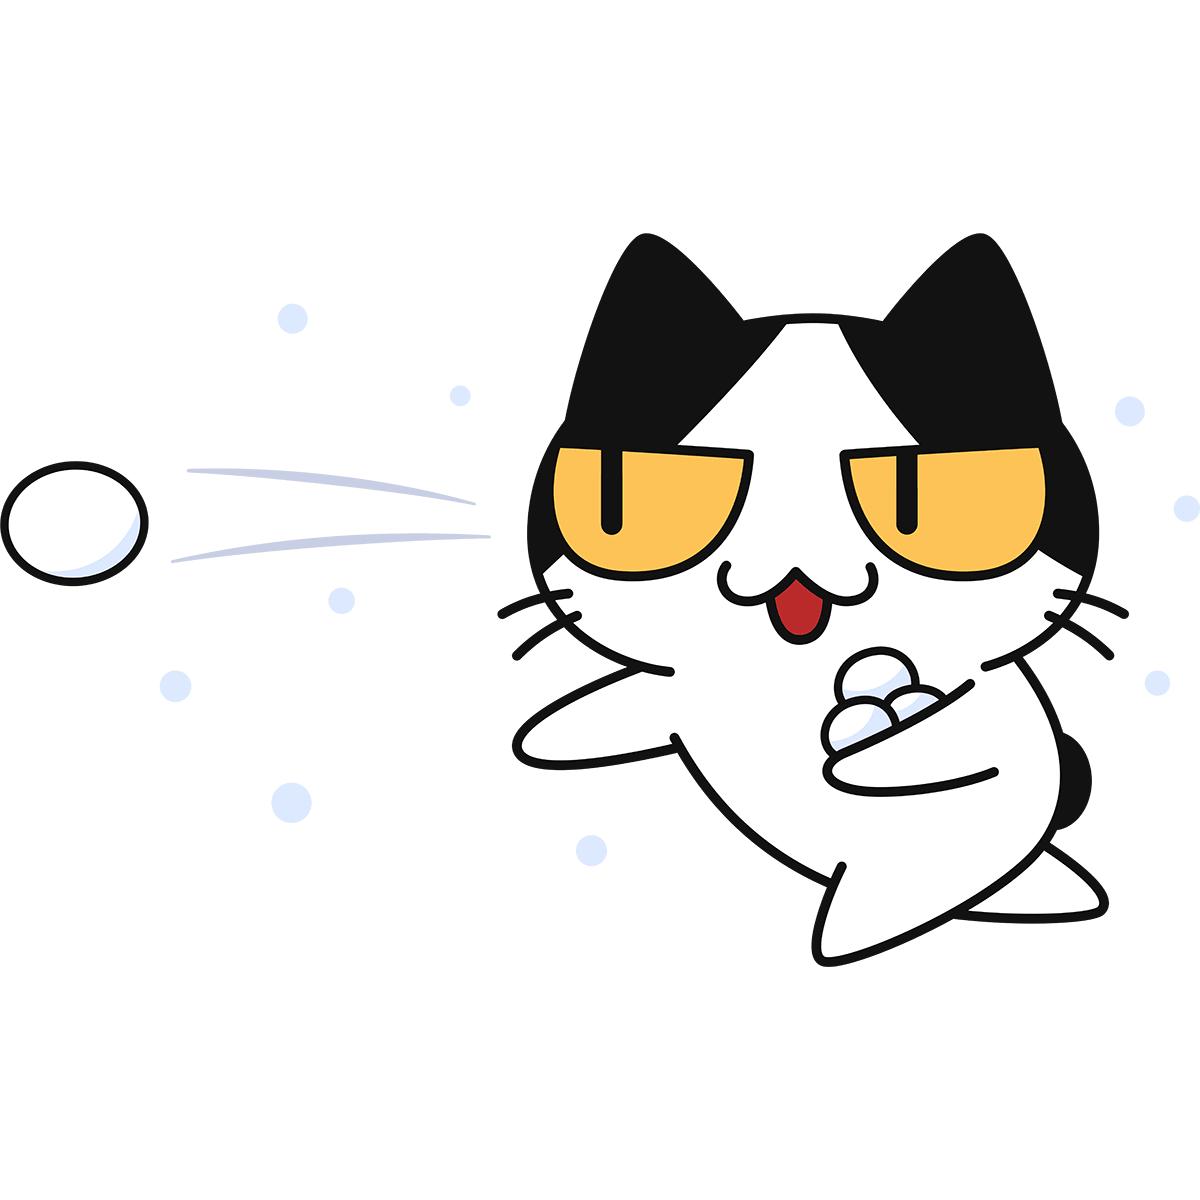 雪合戦をする猫の無料イラスト